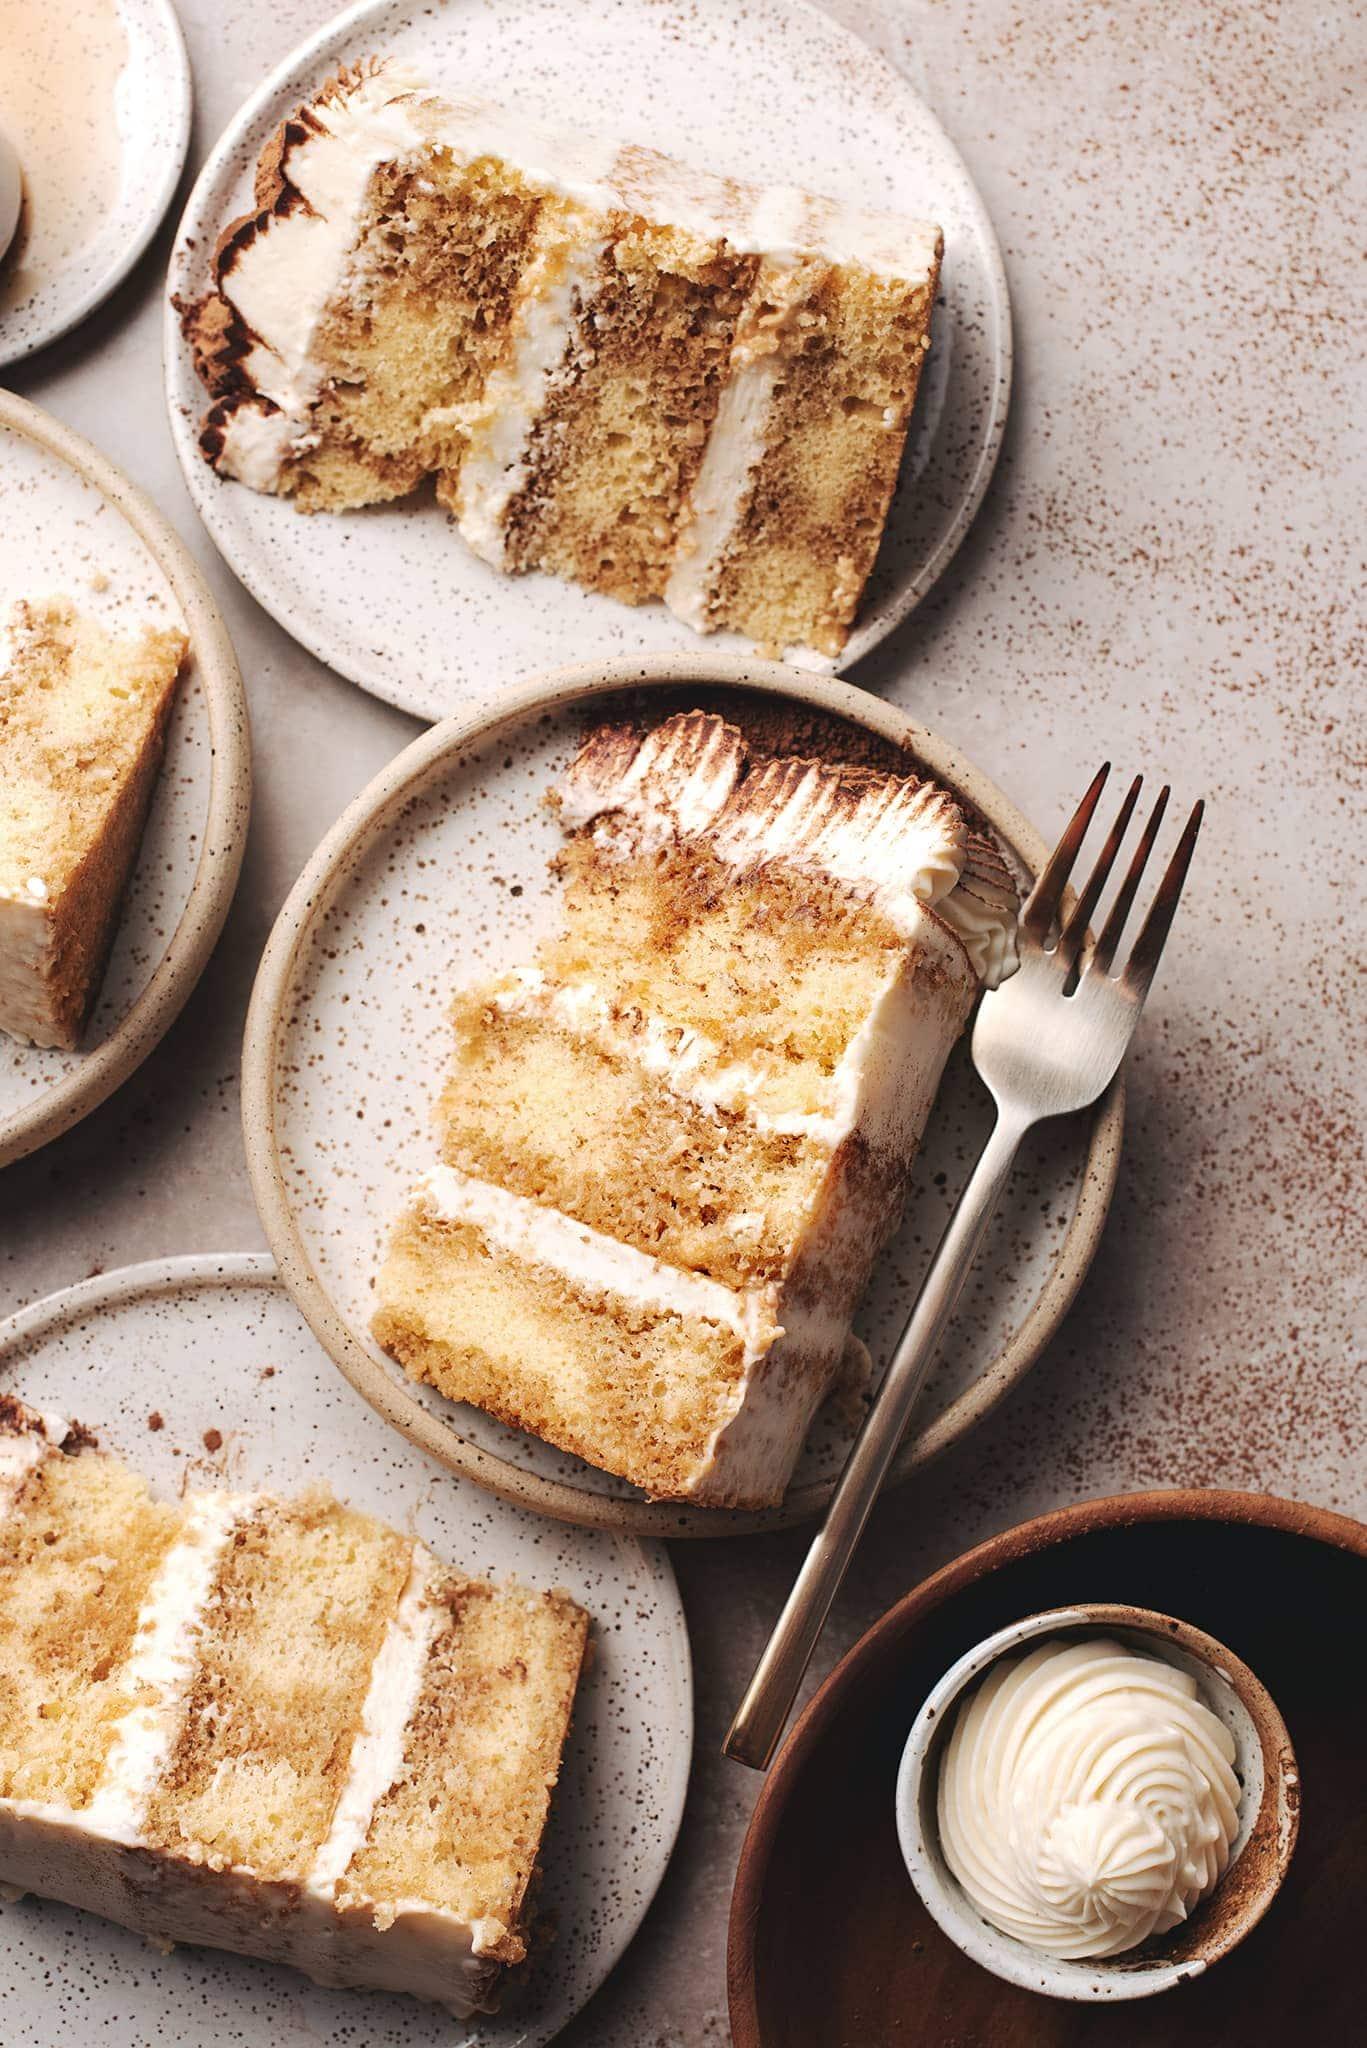 Tiramisu cake layers on small plates